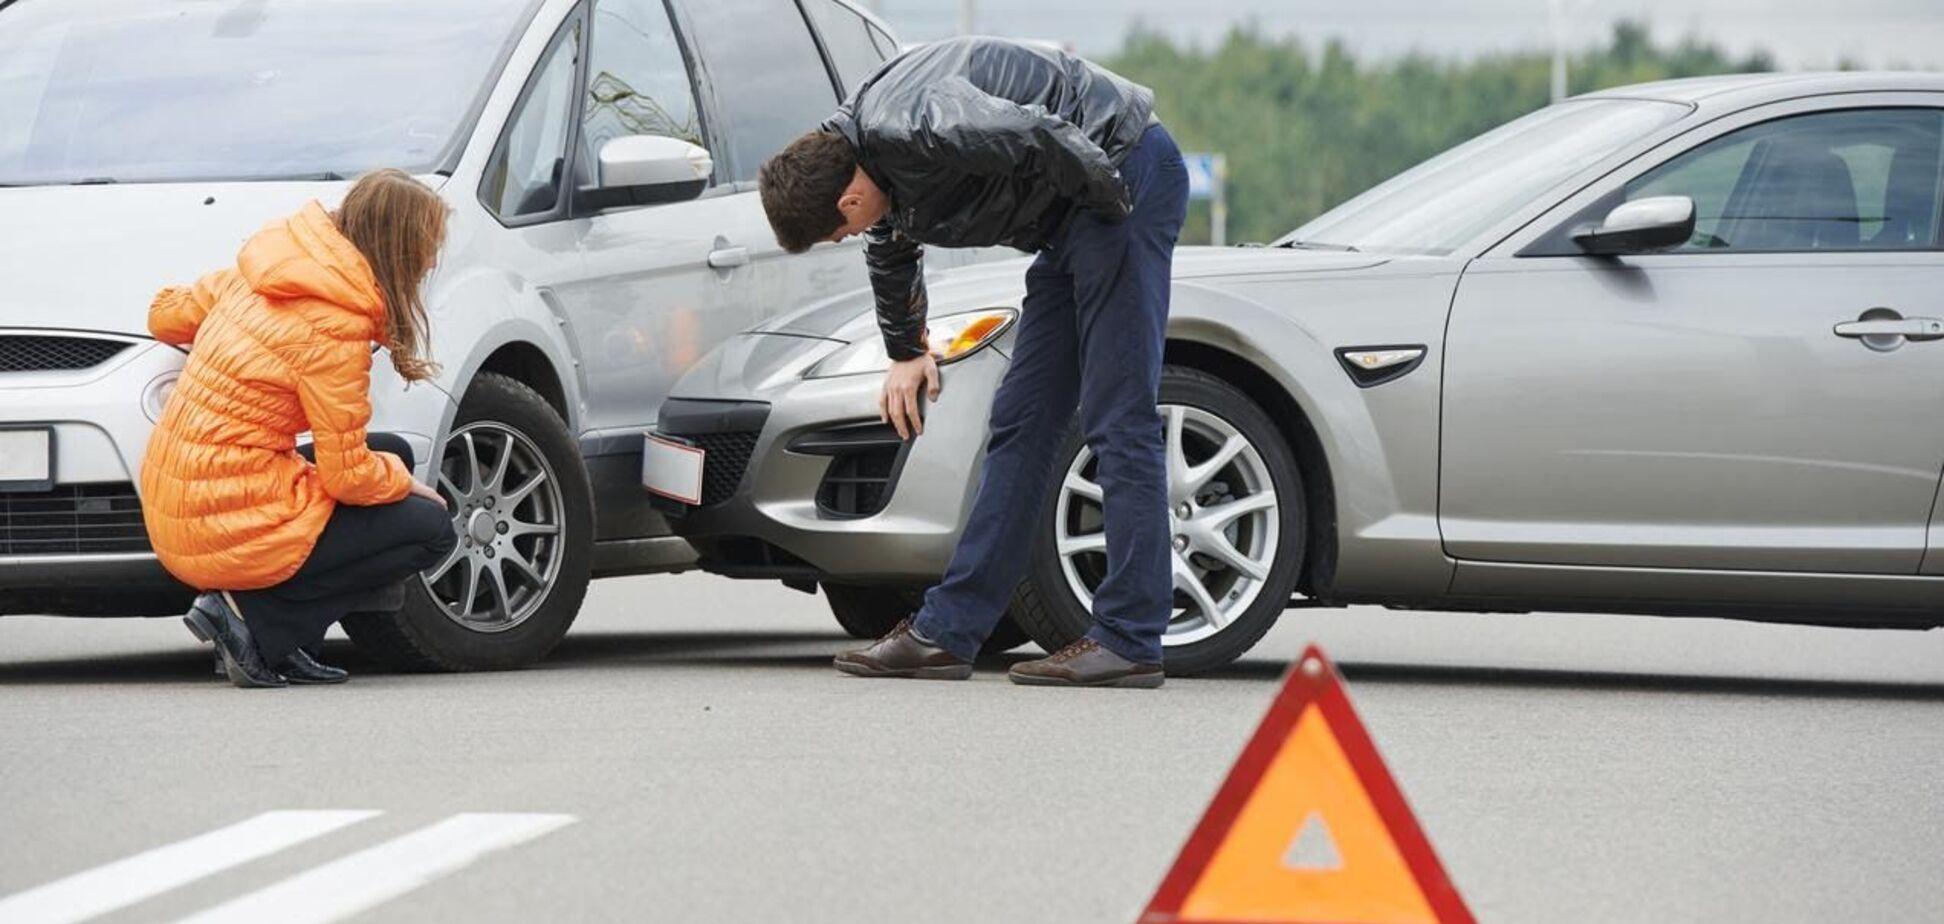 Обязательная страховка на авто в Украине может подорожать до 20%